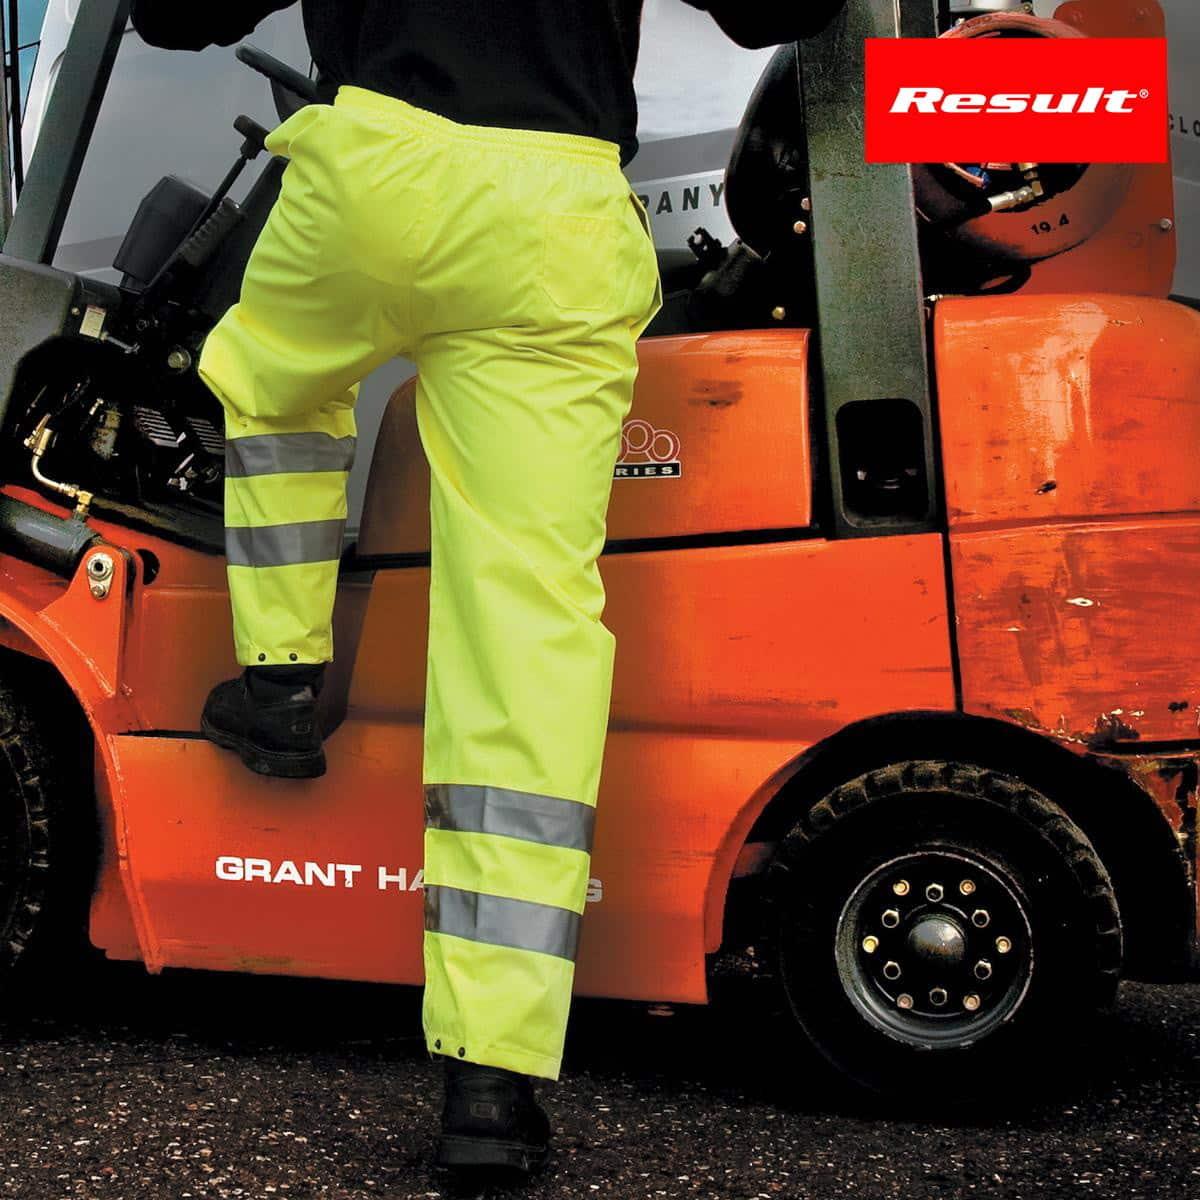 Dettaglio gambe di uomo con pantalone giallo fluo e bande riflettenti che sale su muletto